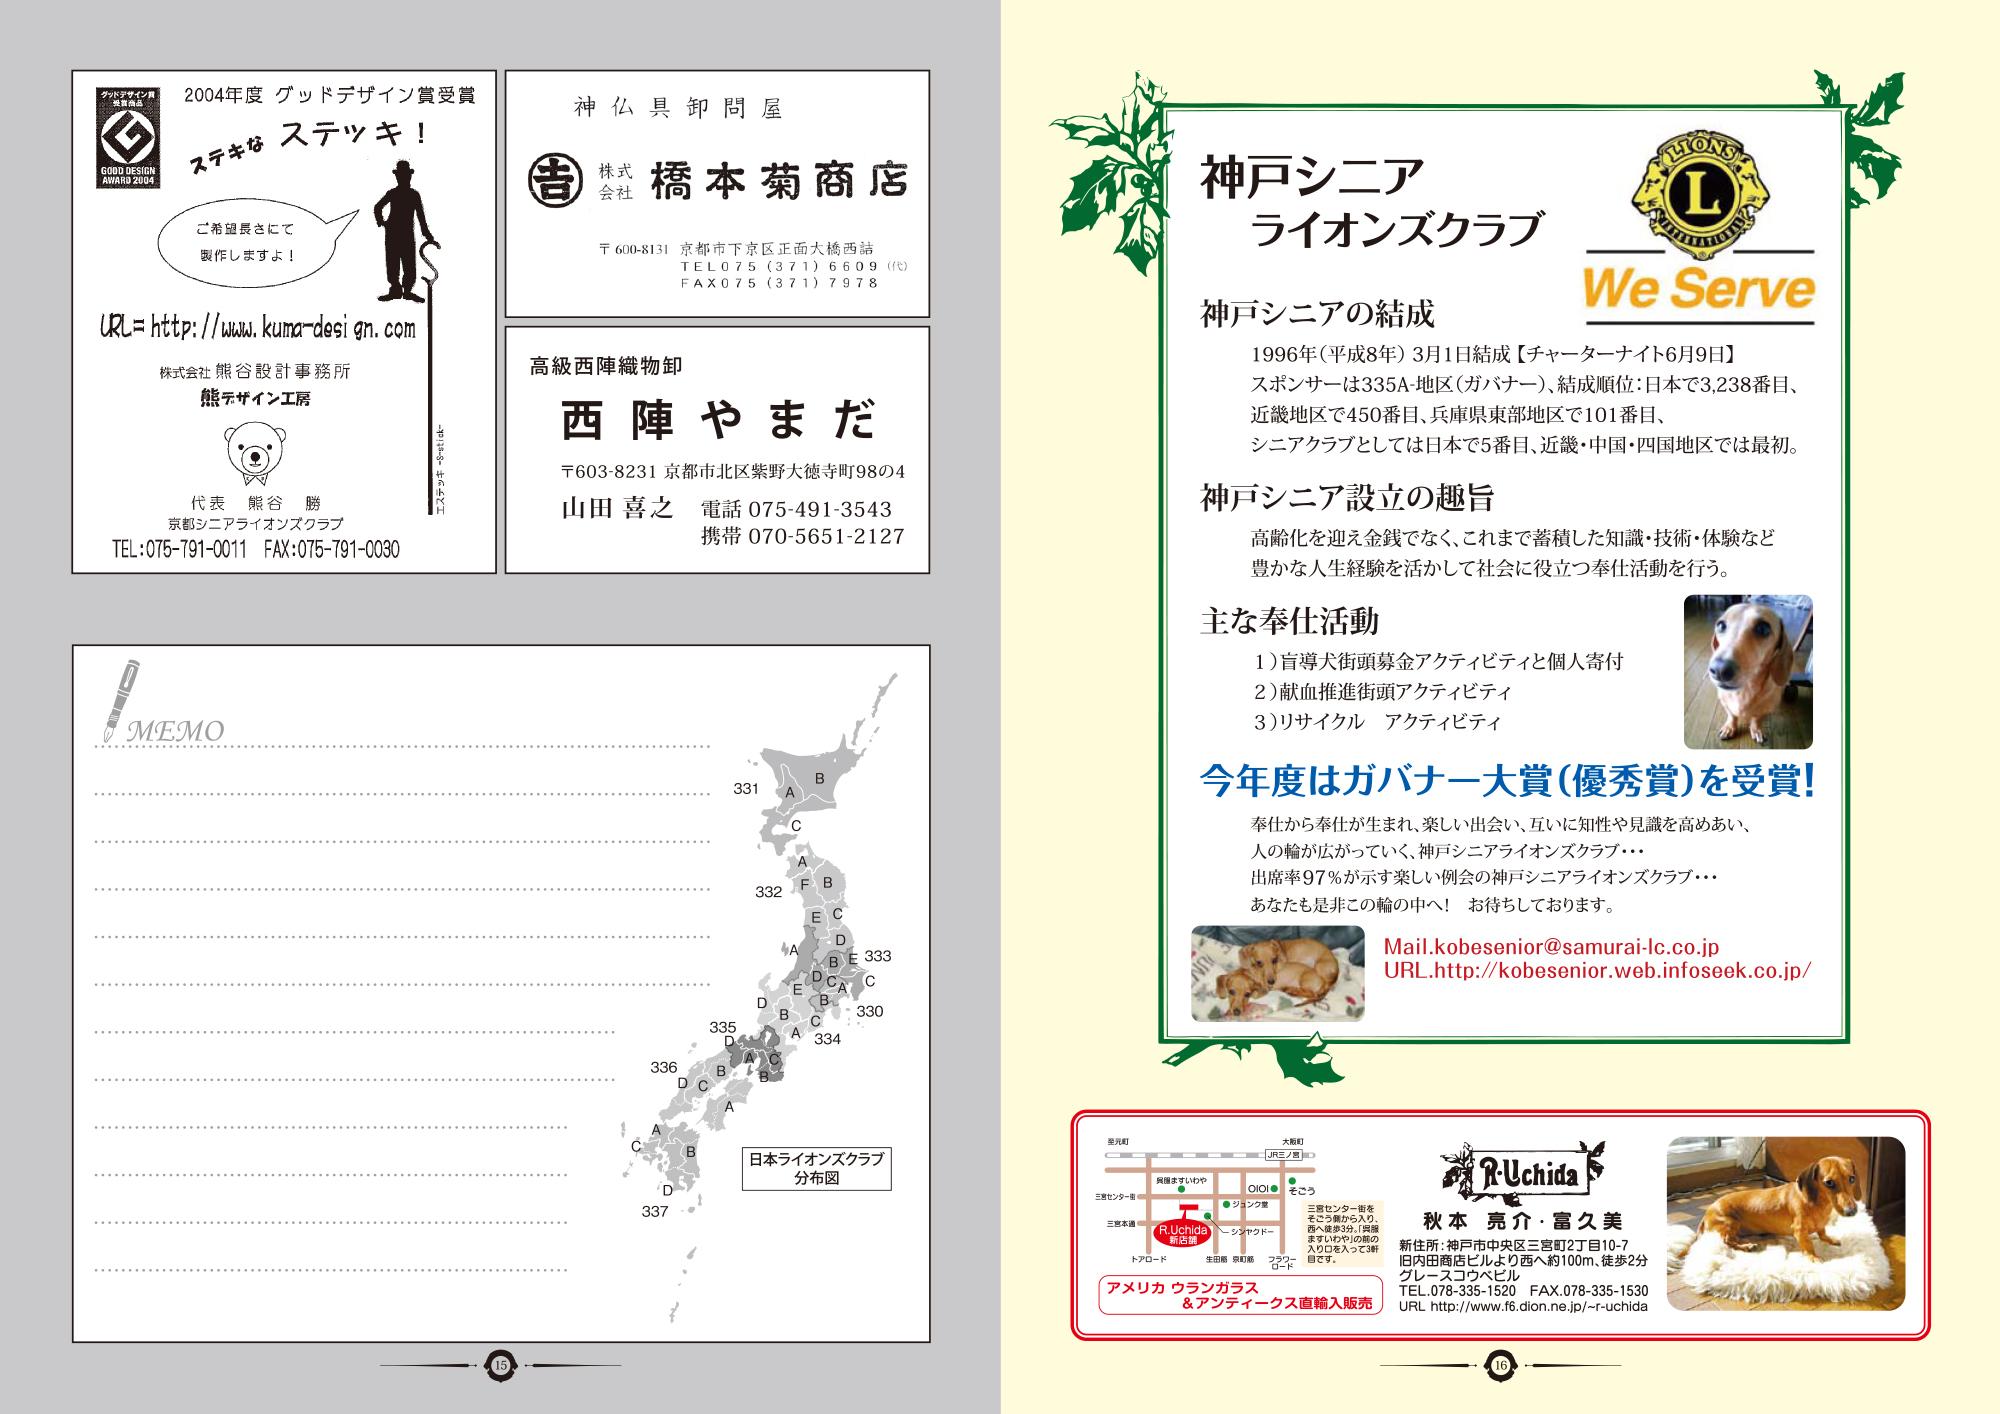 シニアライオンズクラブ冊子 神戸シニアライオンズクラブい